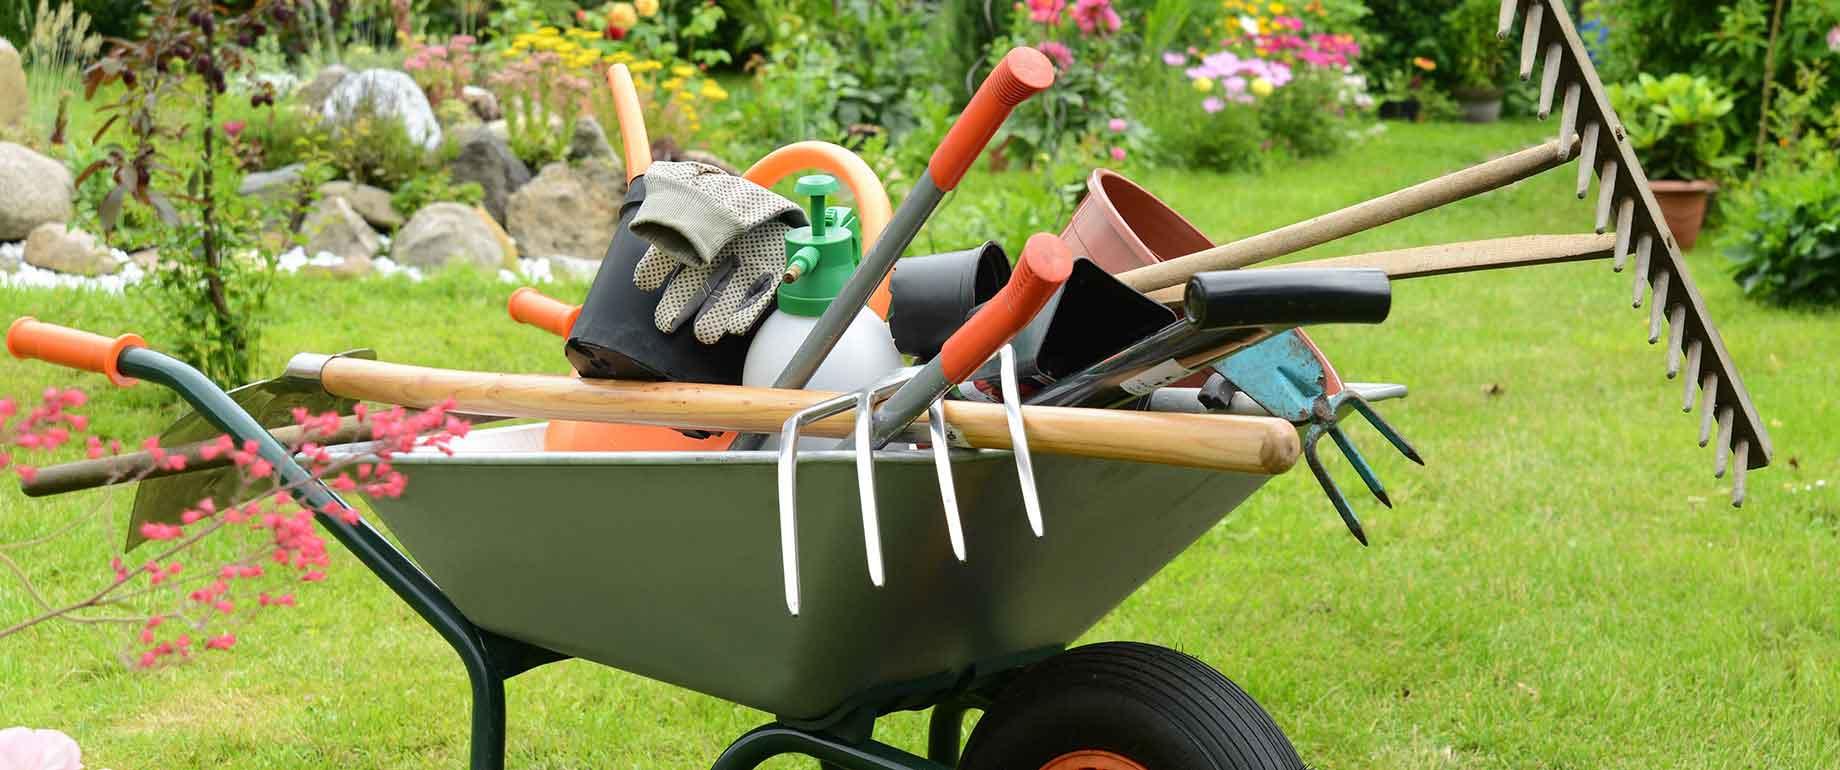 Gartenpflege3